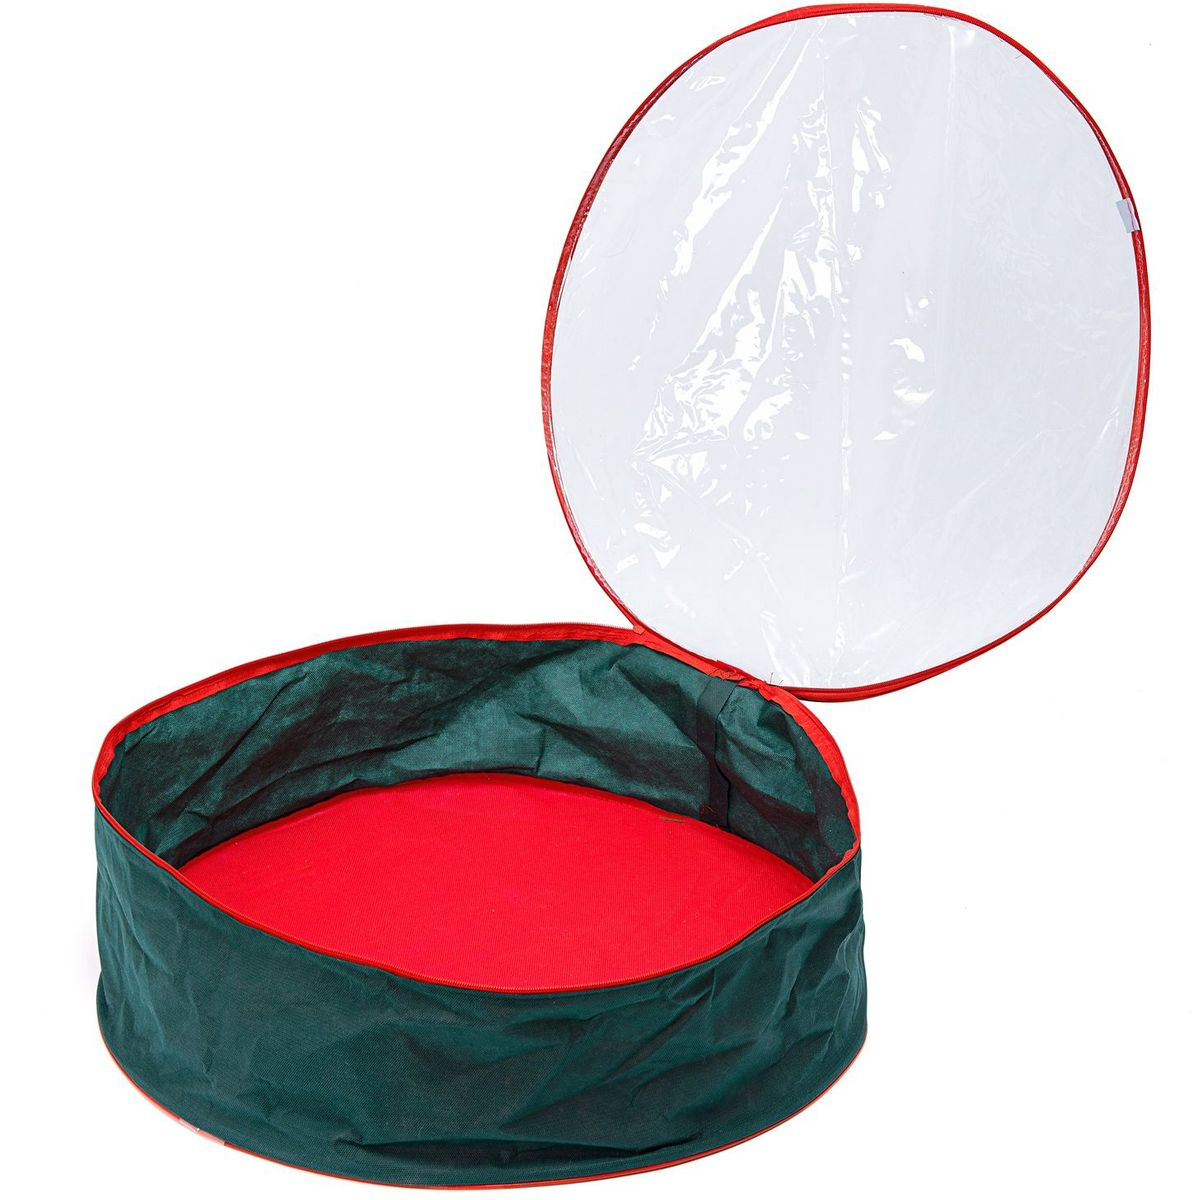 Кофр для хранения вещей плоский Homsu New Year, 20х60 см, цвет: зеленыйRG-D31SКофр для хранения вещей плоский Homsu New Year выполнен из высококачественного материала. Изделие содержит одно вместительное отделение, которое закрывается на застежку-молнию. Кофр идеально подойдет для хранения новогодней мишуры и гирлянд. Выполнен в традиционной новогодней расцветке.